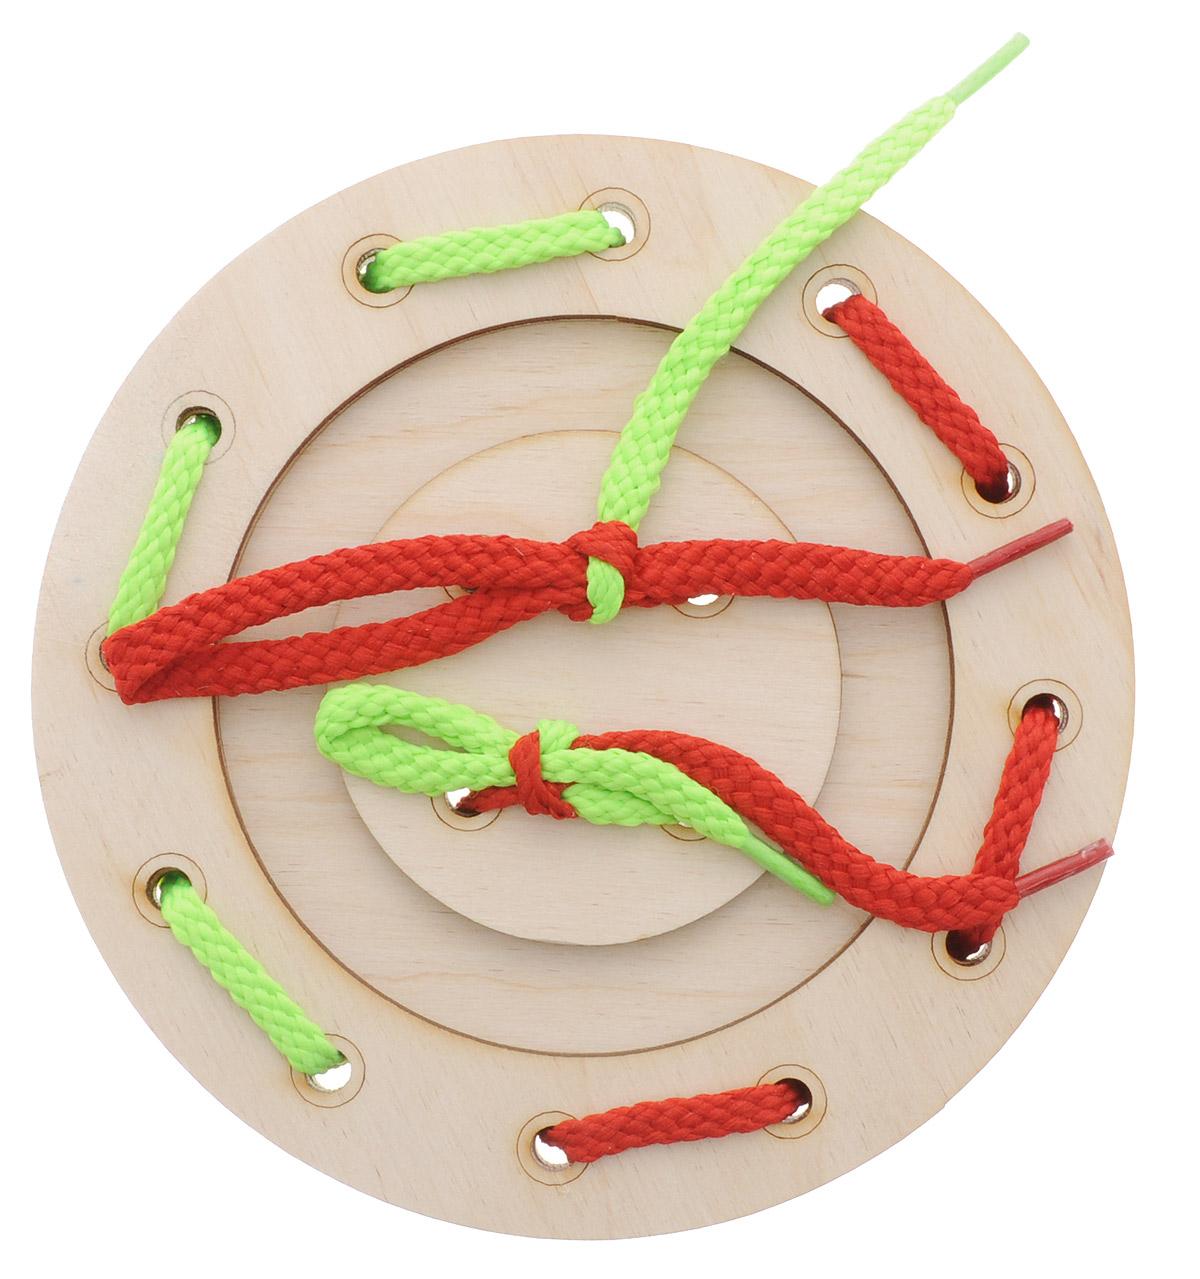 Мастер Вуд Игра-шнуровка Пуговичка цвет салатовый красныйДШ-1_салатовый, красныйИгра-шнуровка Мастер Вуд Пуговичка - яркая и несложная игрушка, которая очень понравится вашему малышу. Она выполнена из дерева лиственных пород в виде пуговки, состоящей из трех элементов. Задача малыша - продеть два шнурка разных цветов в отверстия основы, собрав пуговку. Игрушка- шнуровка развивает воображение, пространственное мышление, координацию движений, ловкость, положительно влияет на эмоциональное состояние ребенка и его настроение.